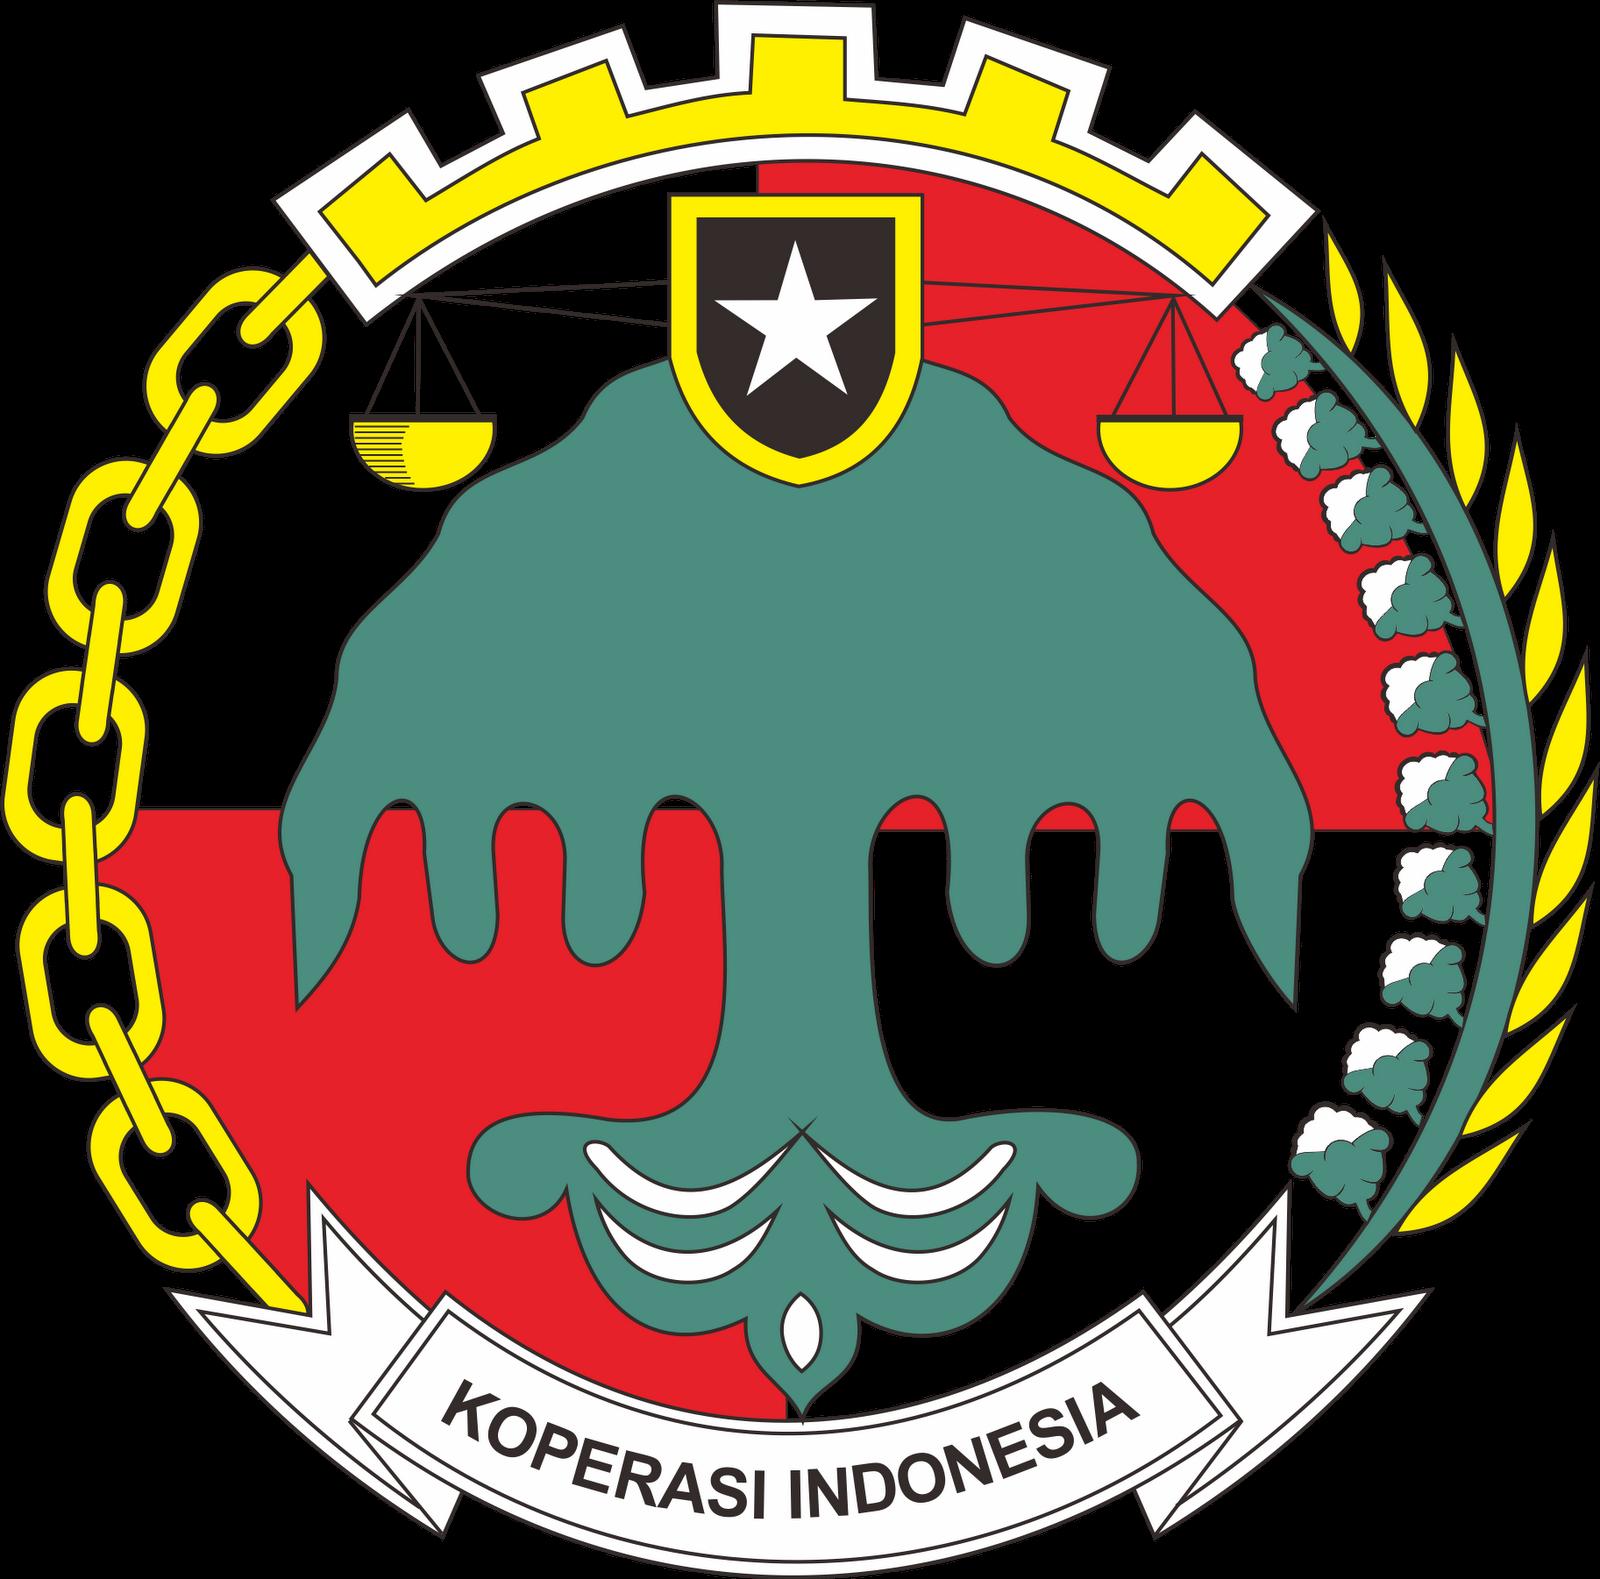 Koperasi PNG, Indonesia Logo, Lambang Koperasi, Koperasi S.